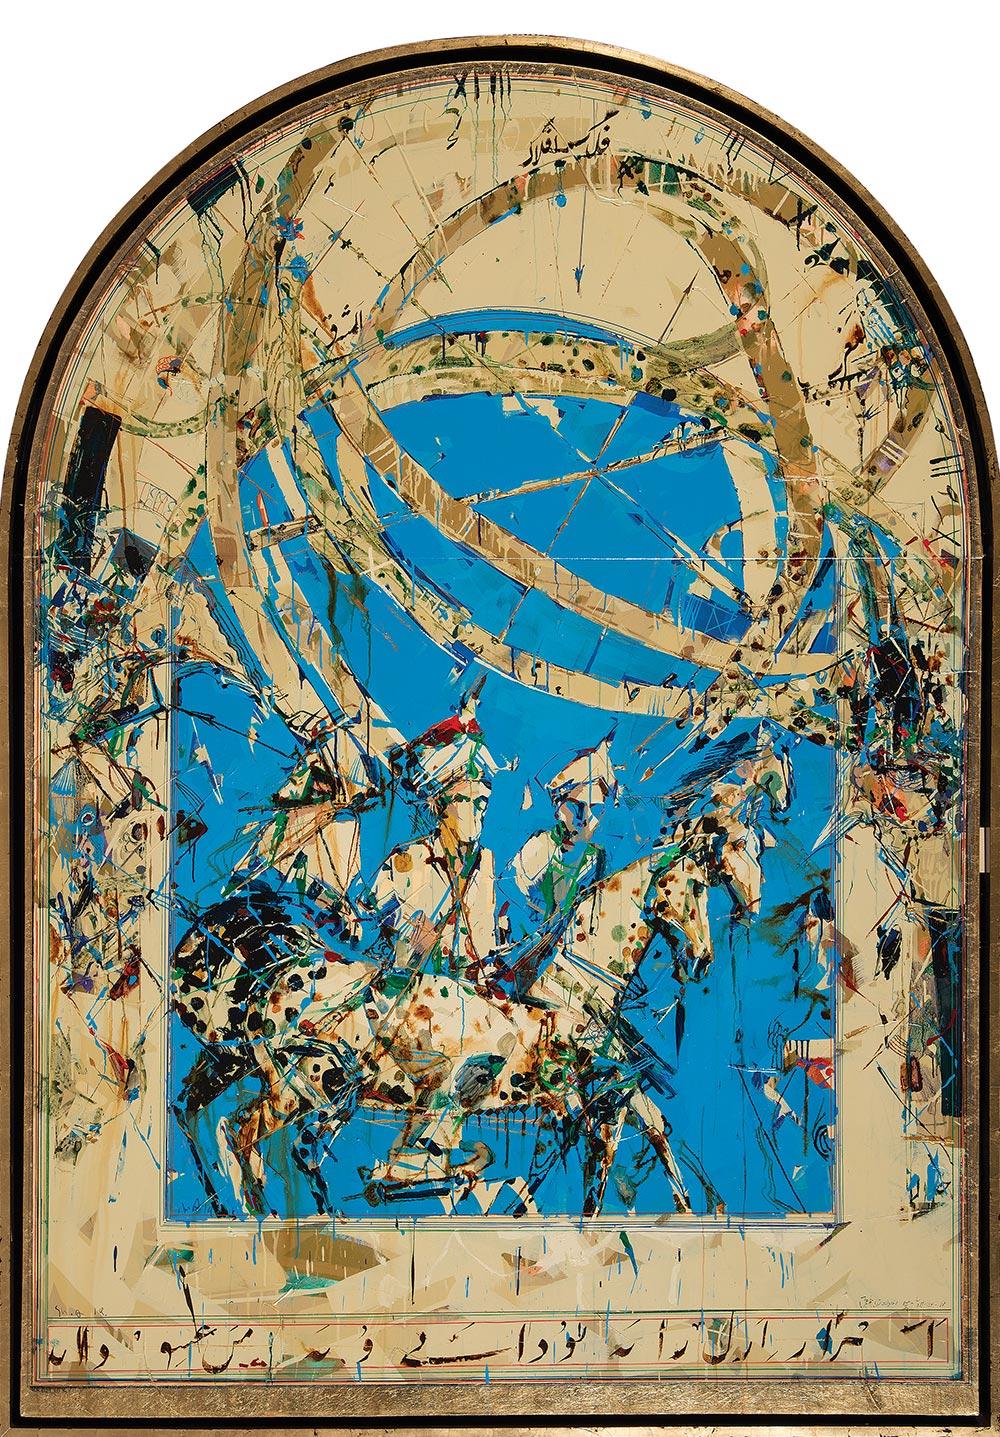 Shahriar-Ahmadi Scape/Avicenna- Al_Biruni-Al_Masihi (Memories of the 5th Hijiri) sholeh abghari art gallery marbella